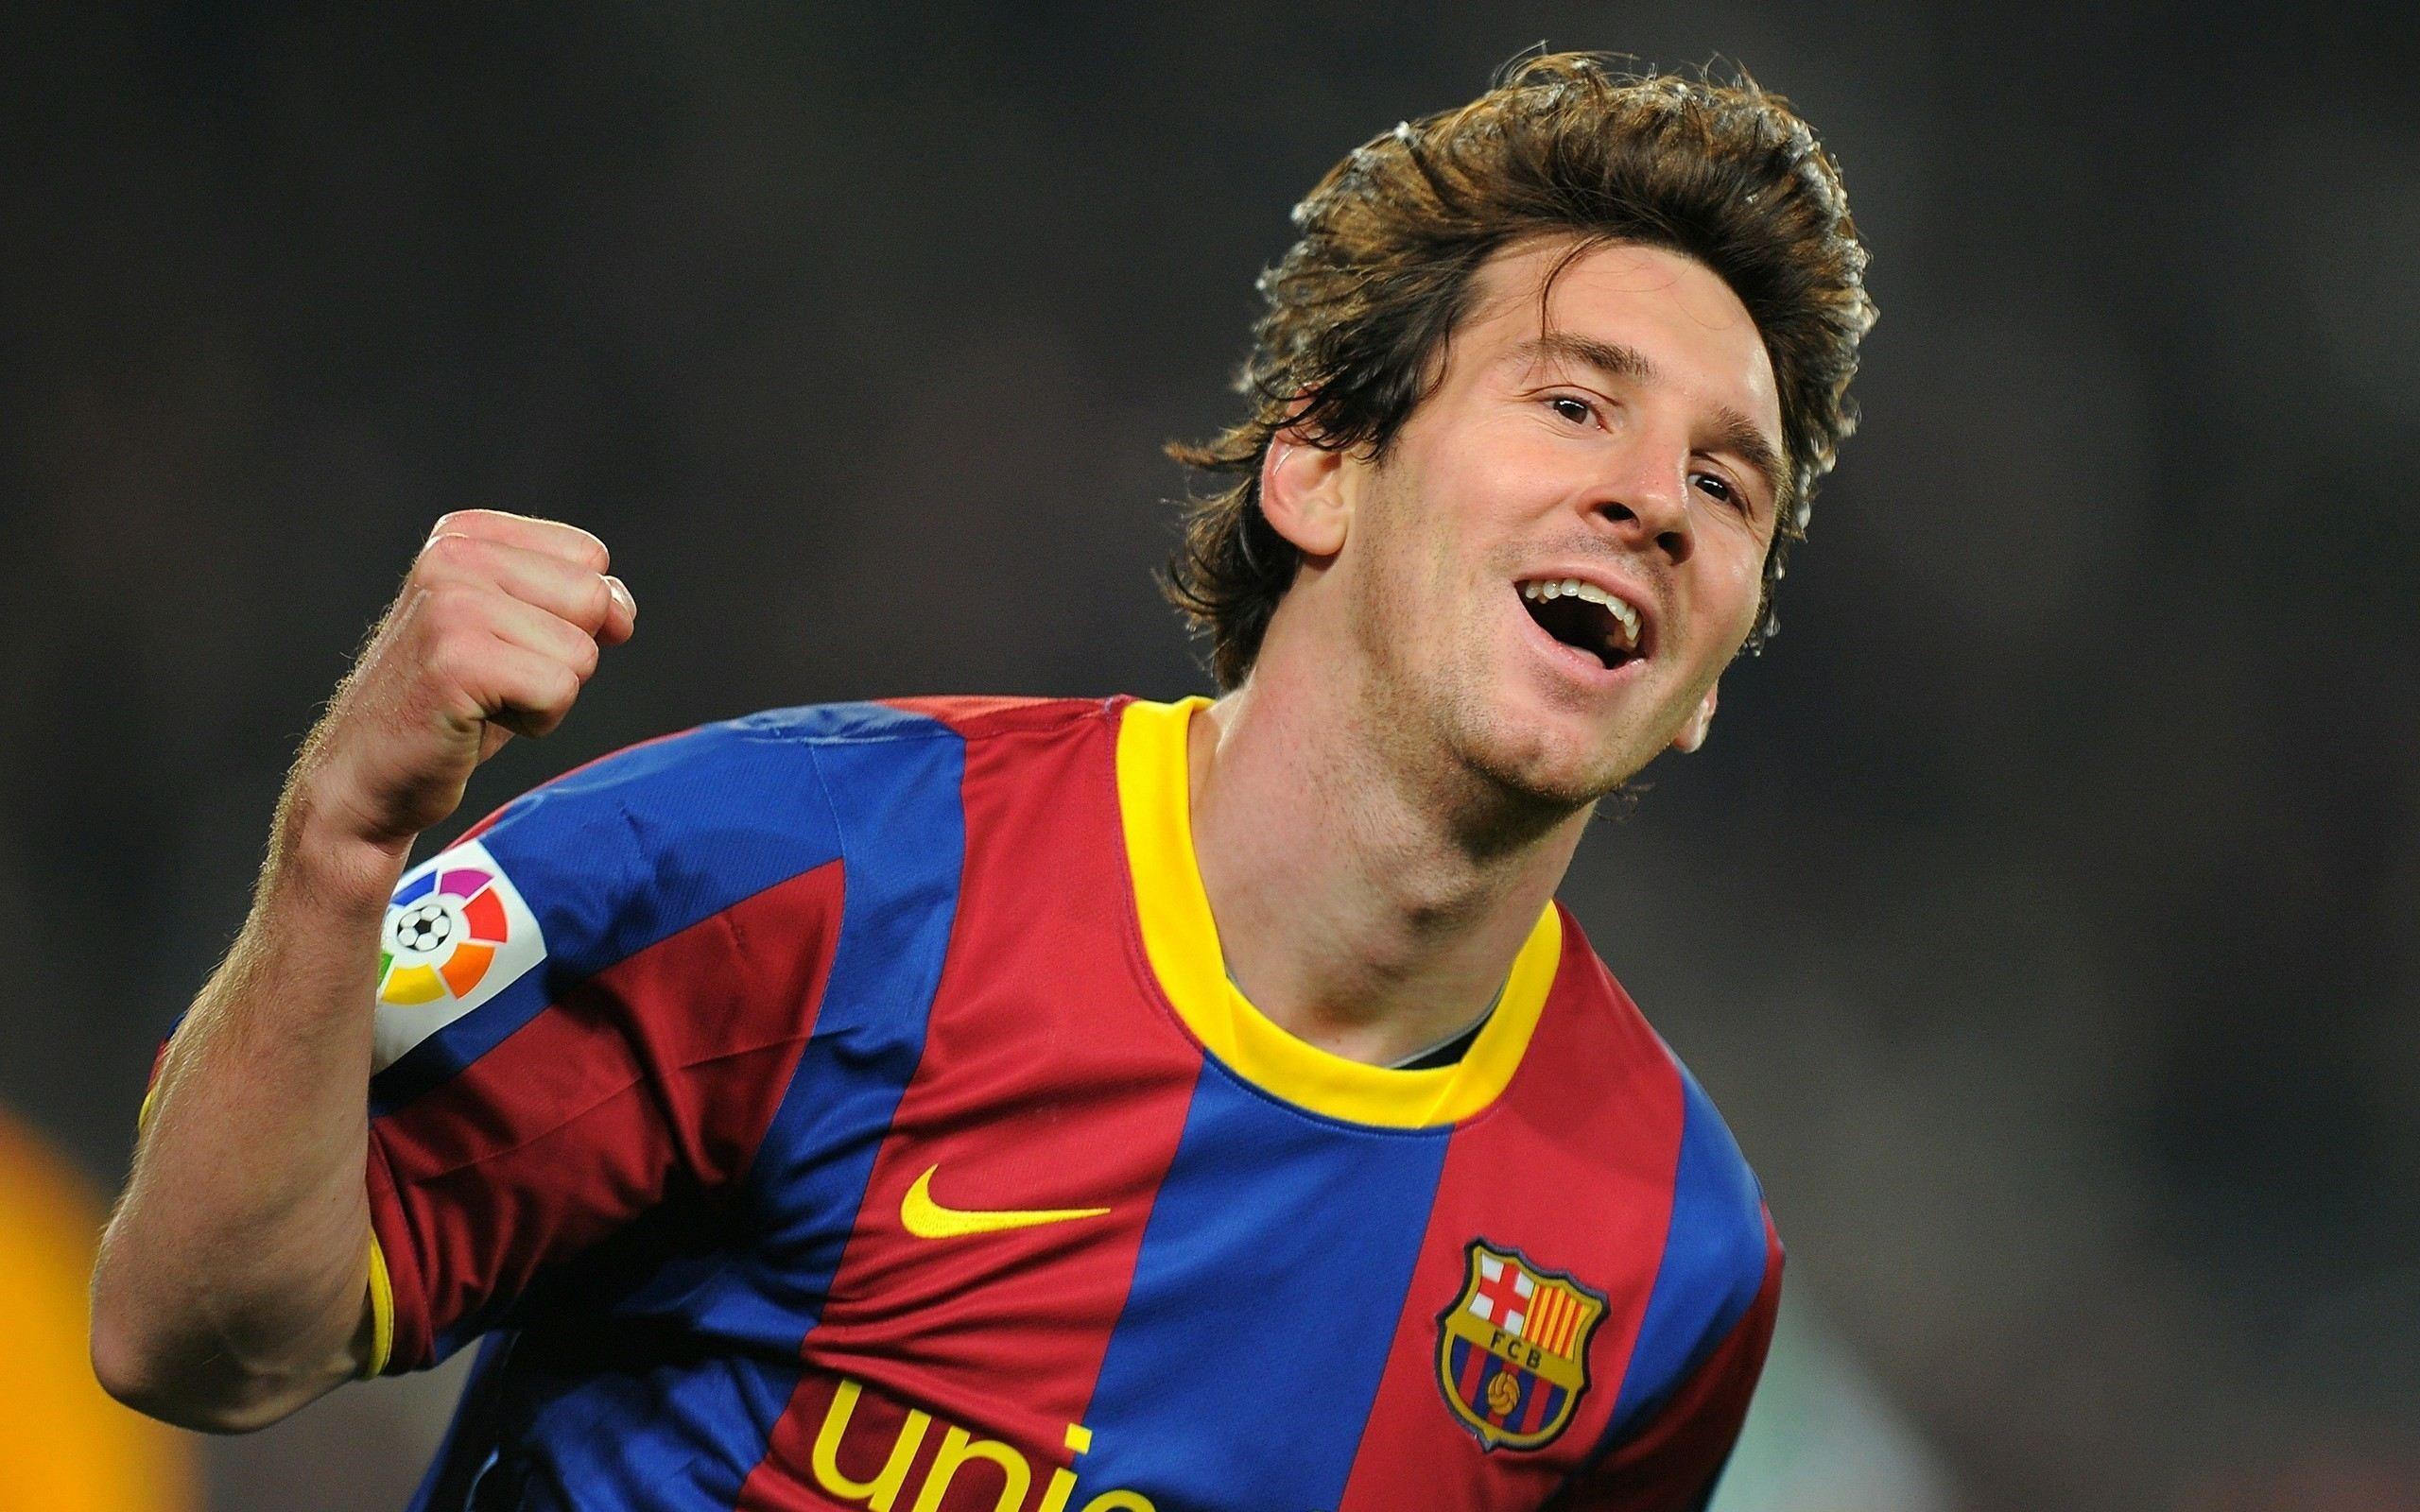 48523 скачать обои Спорт, Люди, Футбол, Мужчины, Лионель Андрес Месси (Lionel Andres Messi) - заставки и картинки бесплатно